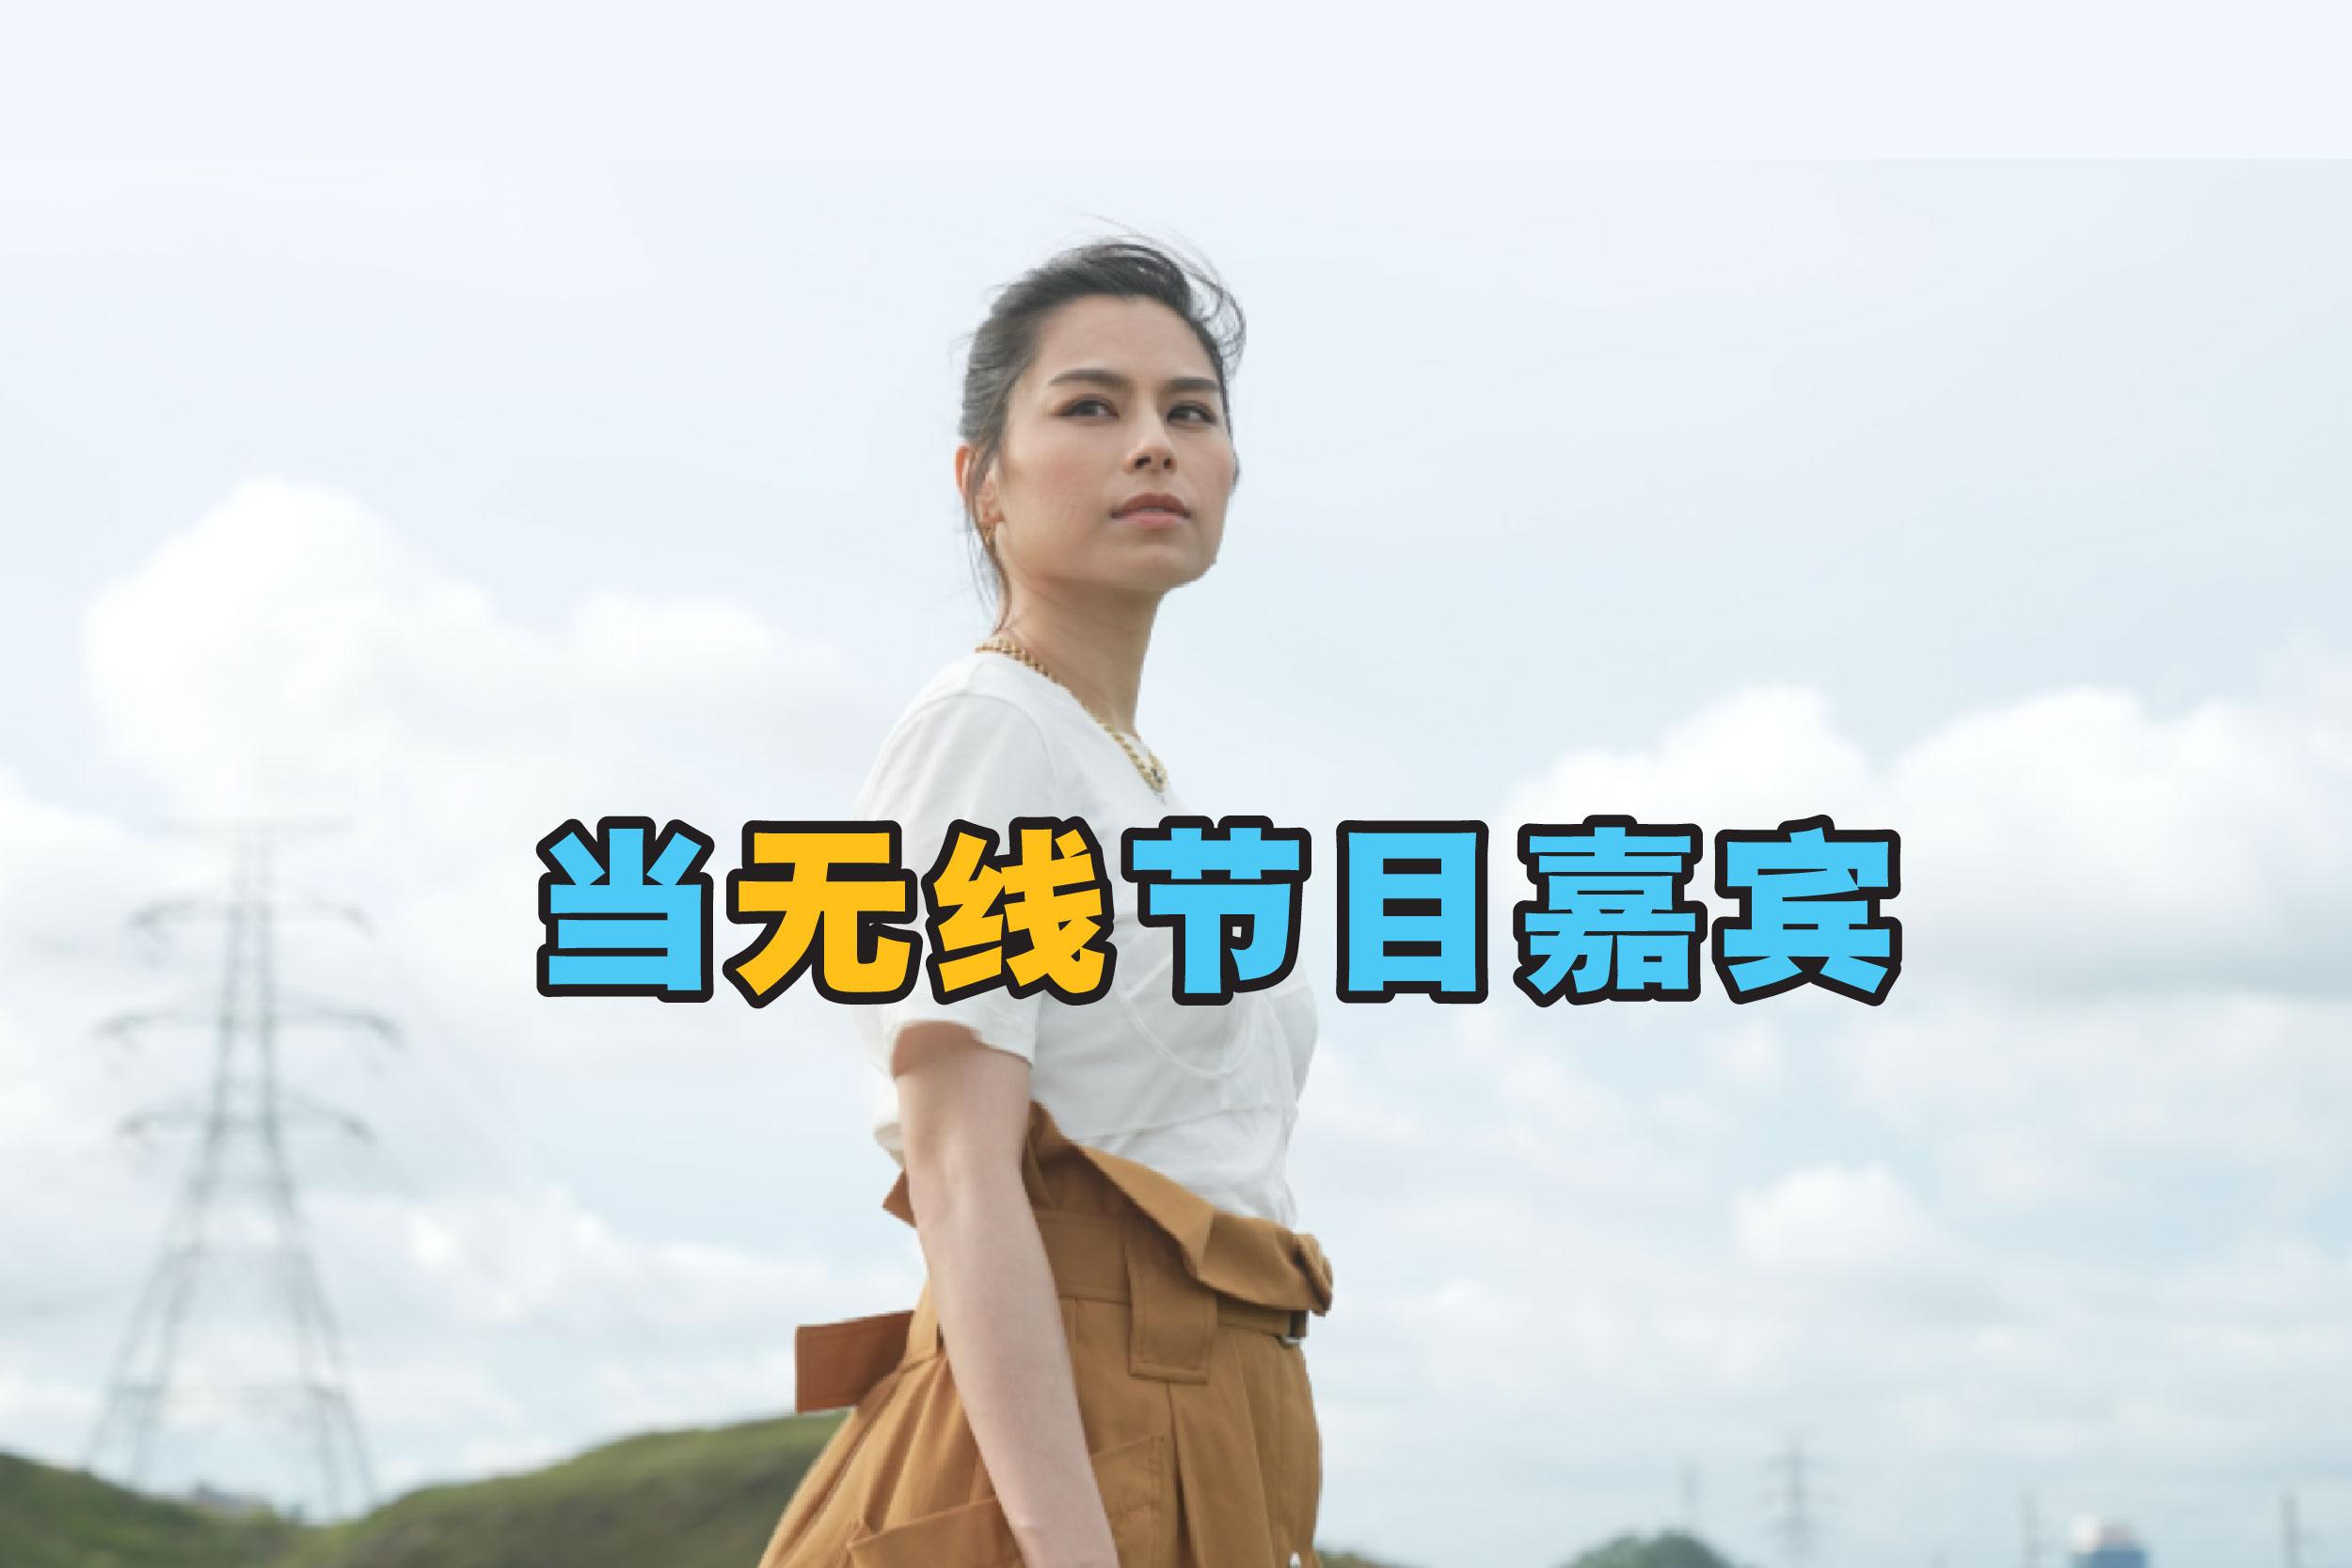 李幸倪(Gin Lee)于节目中分享她进军香港乐坛的经过。-香港旅游发展局提供-